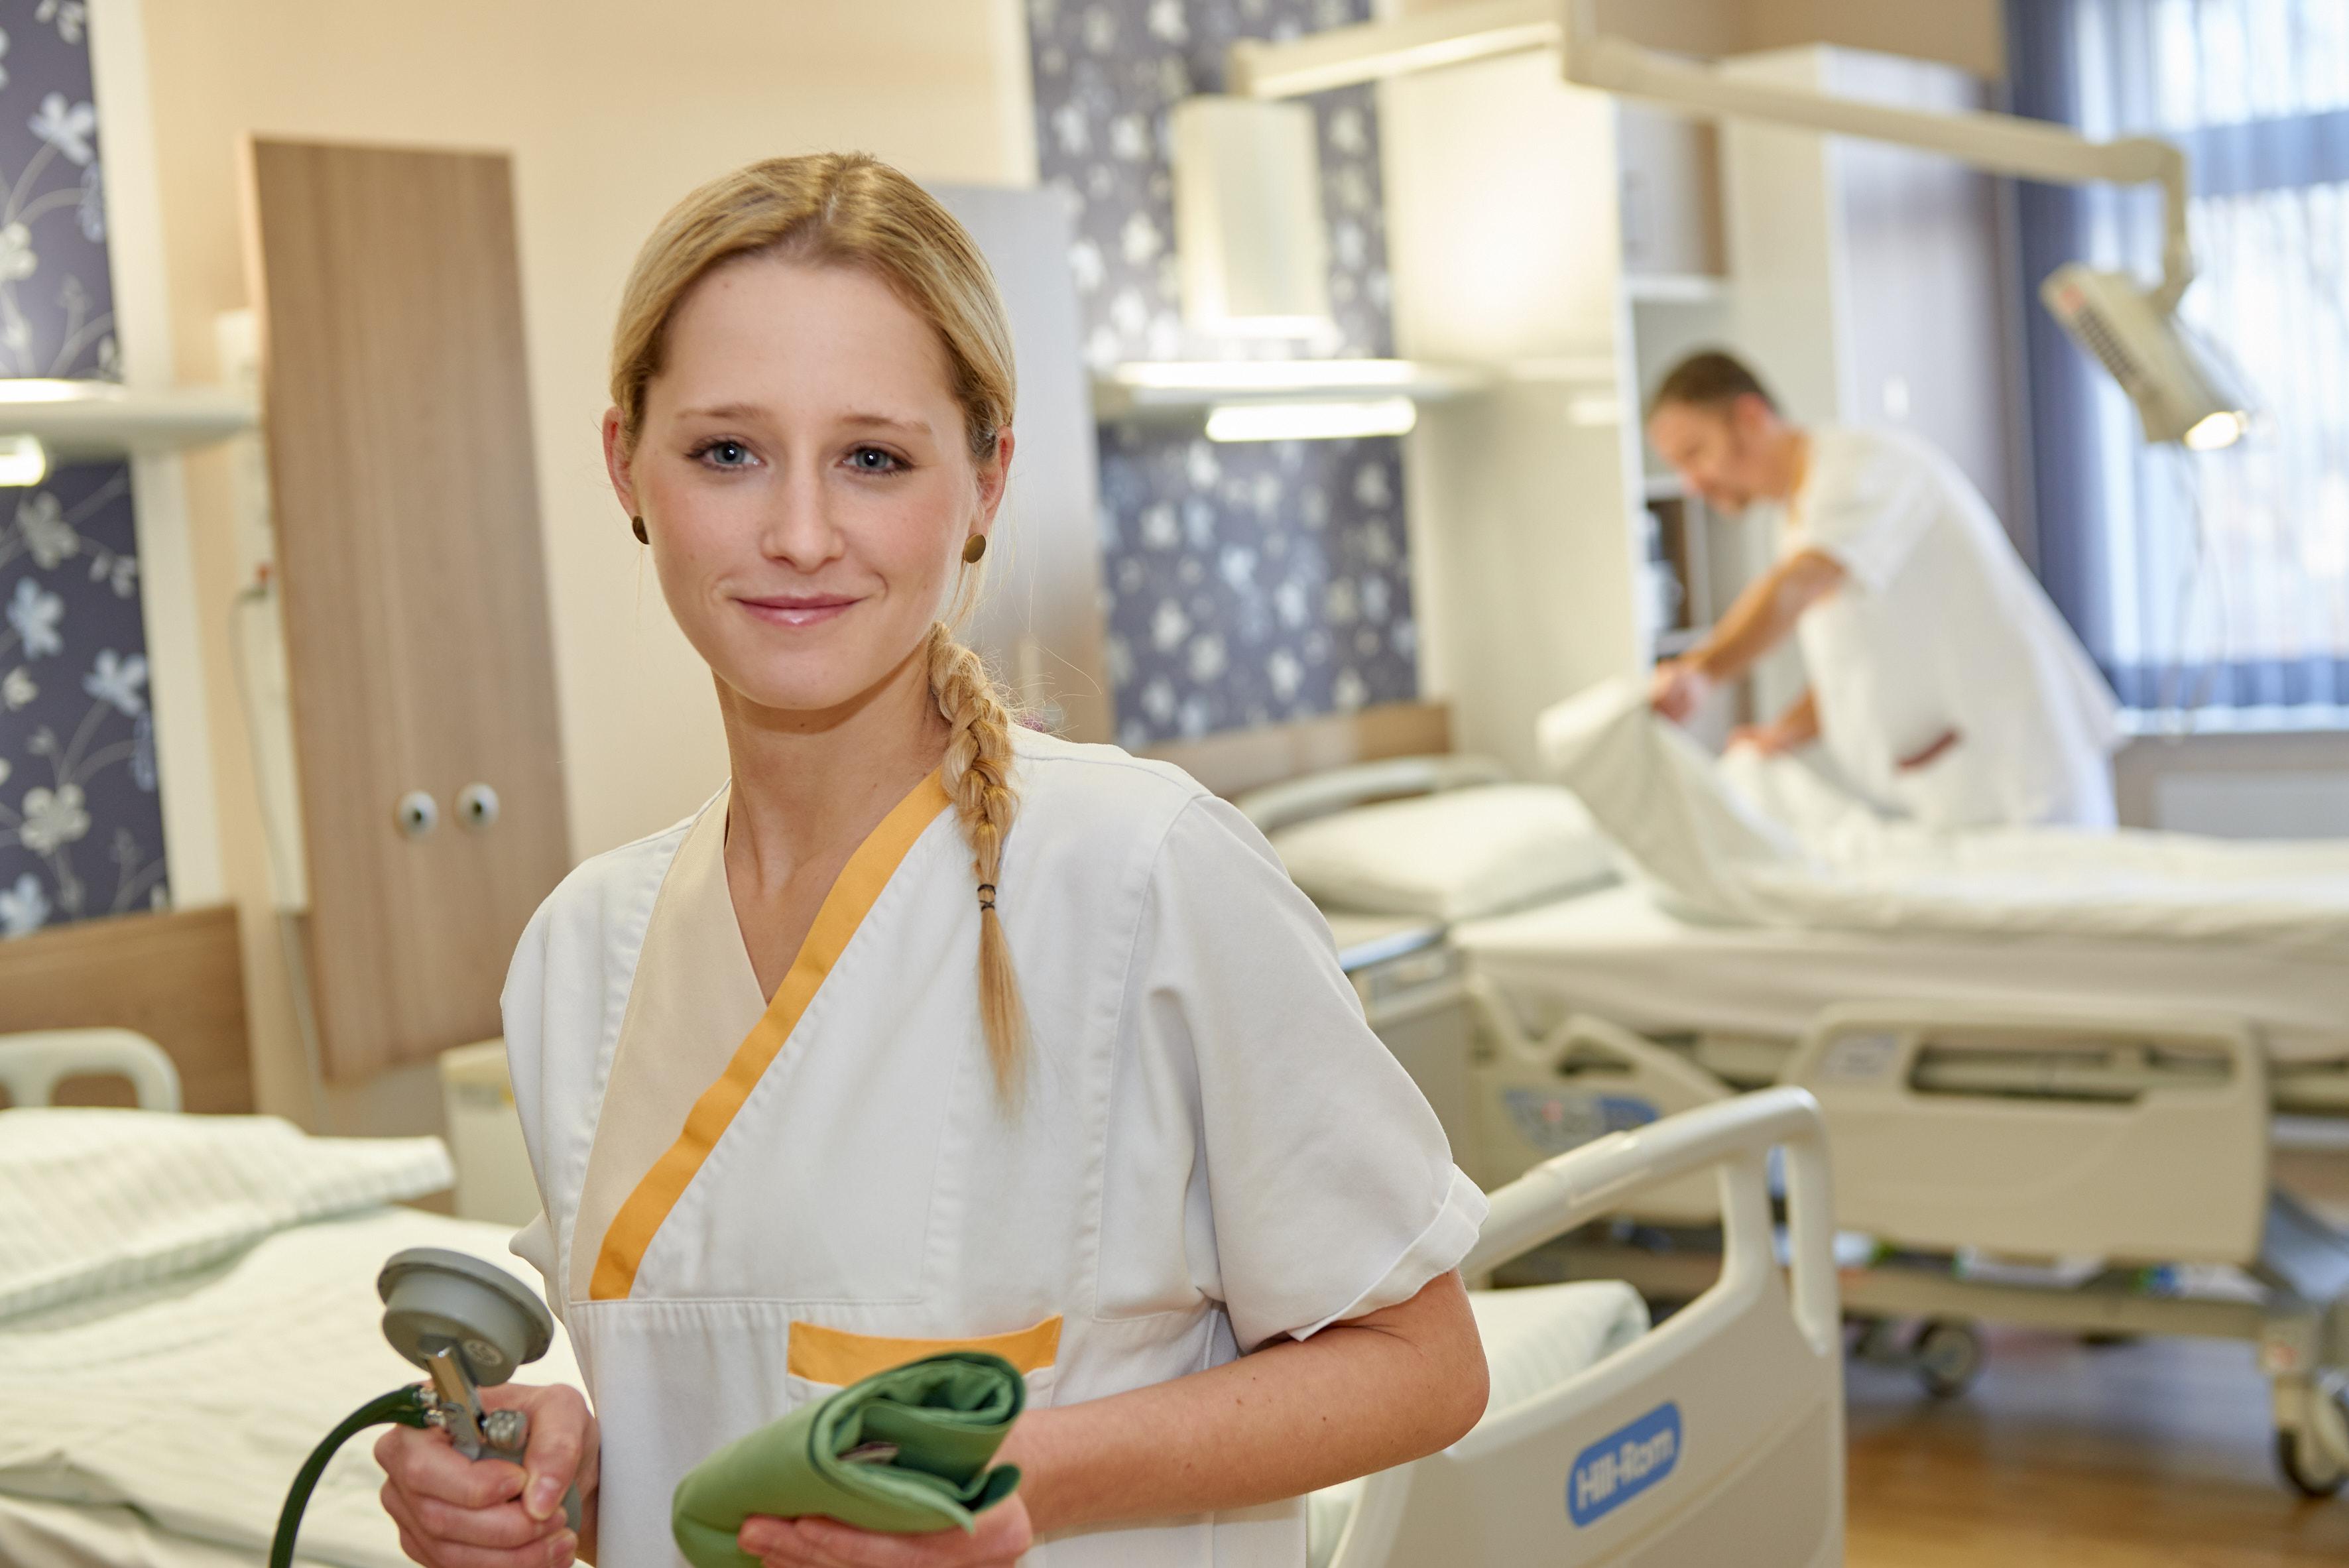 KrankenhausHS6636